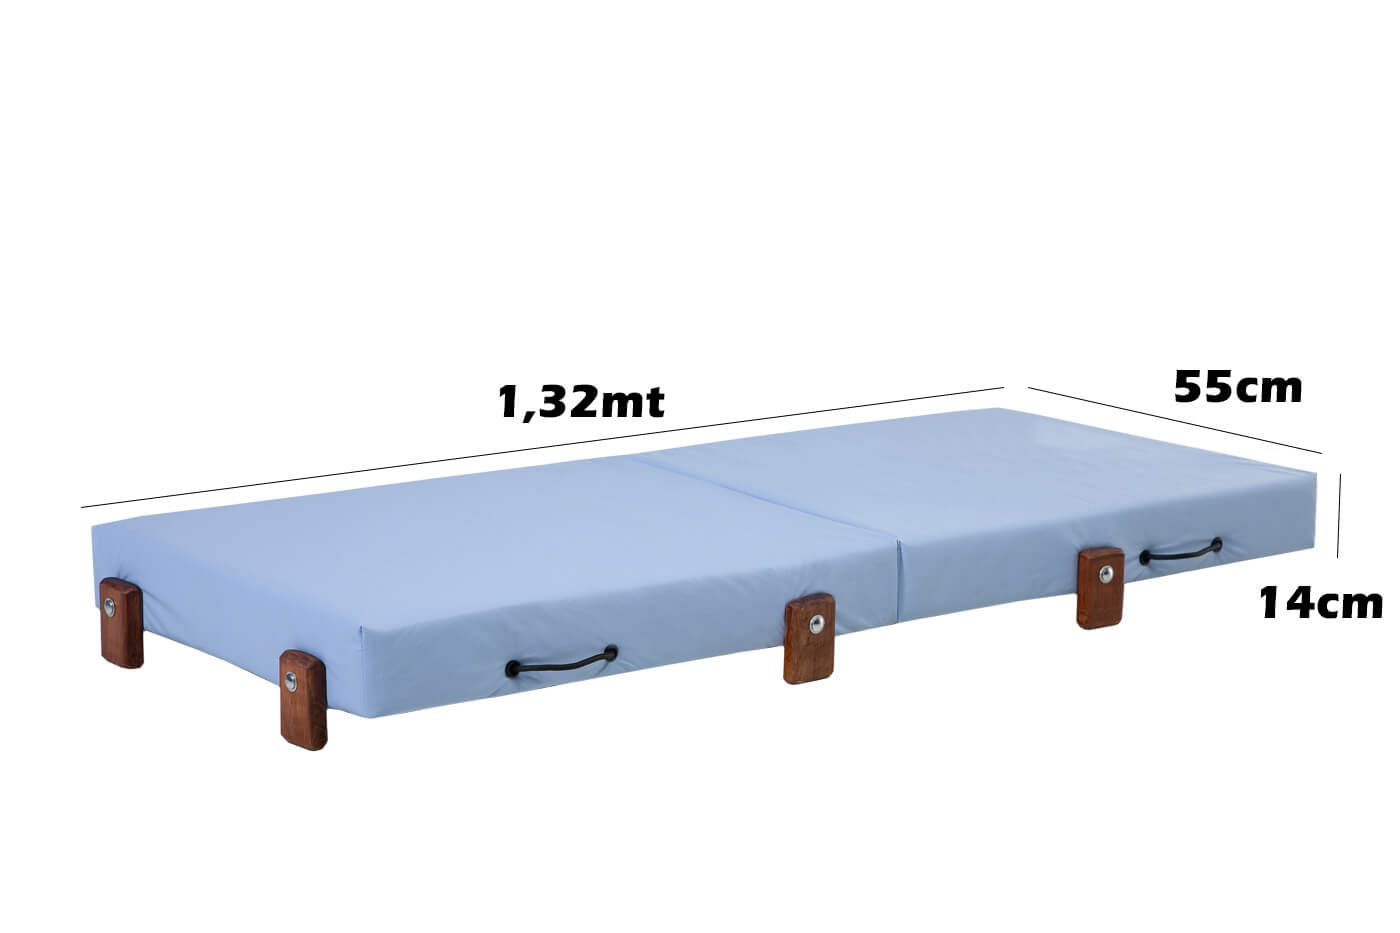 Mini Cama Infantil, Dobrável, para Creche, Escolinha 0,55x1,32x14cm Altura  - Kenko Premium Colchões